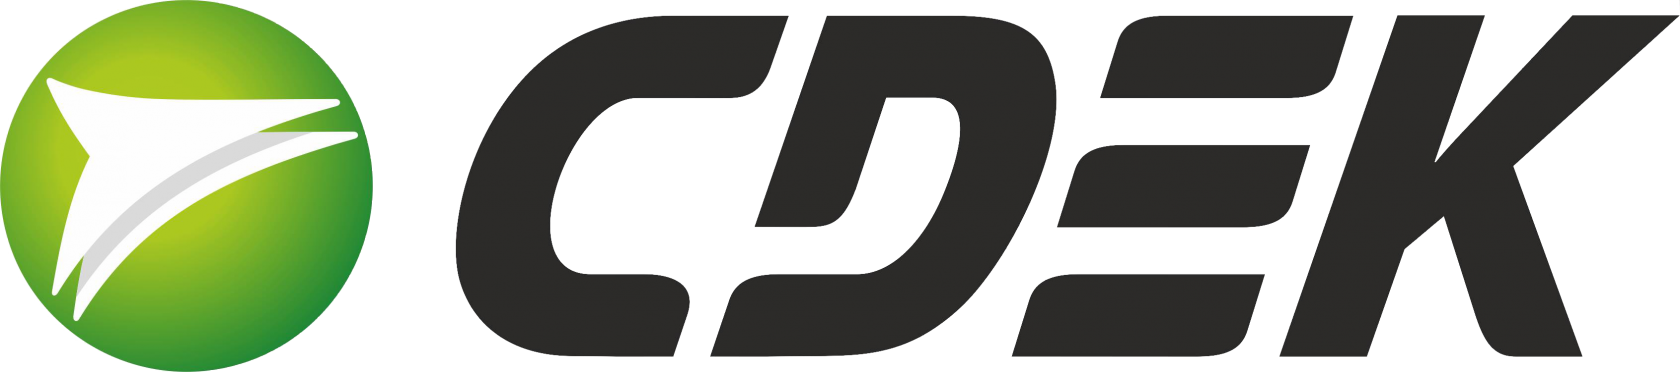 sdek logo